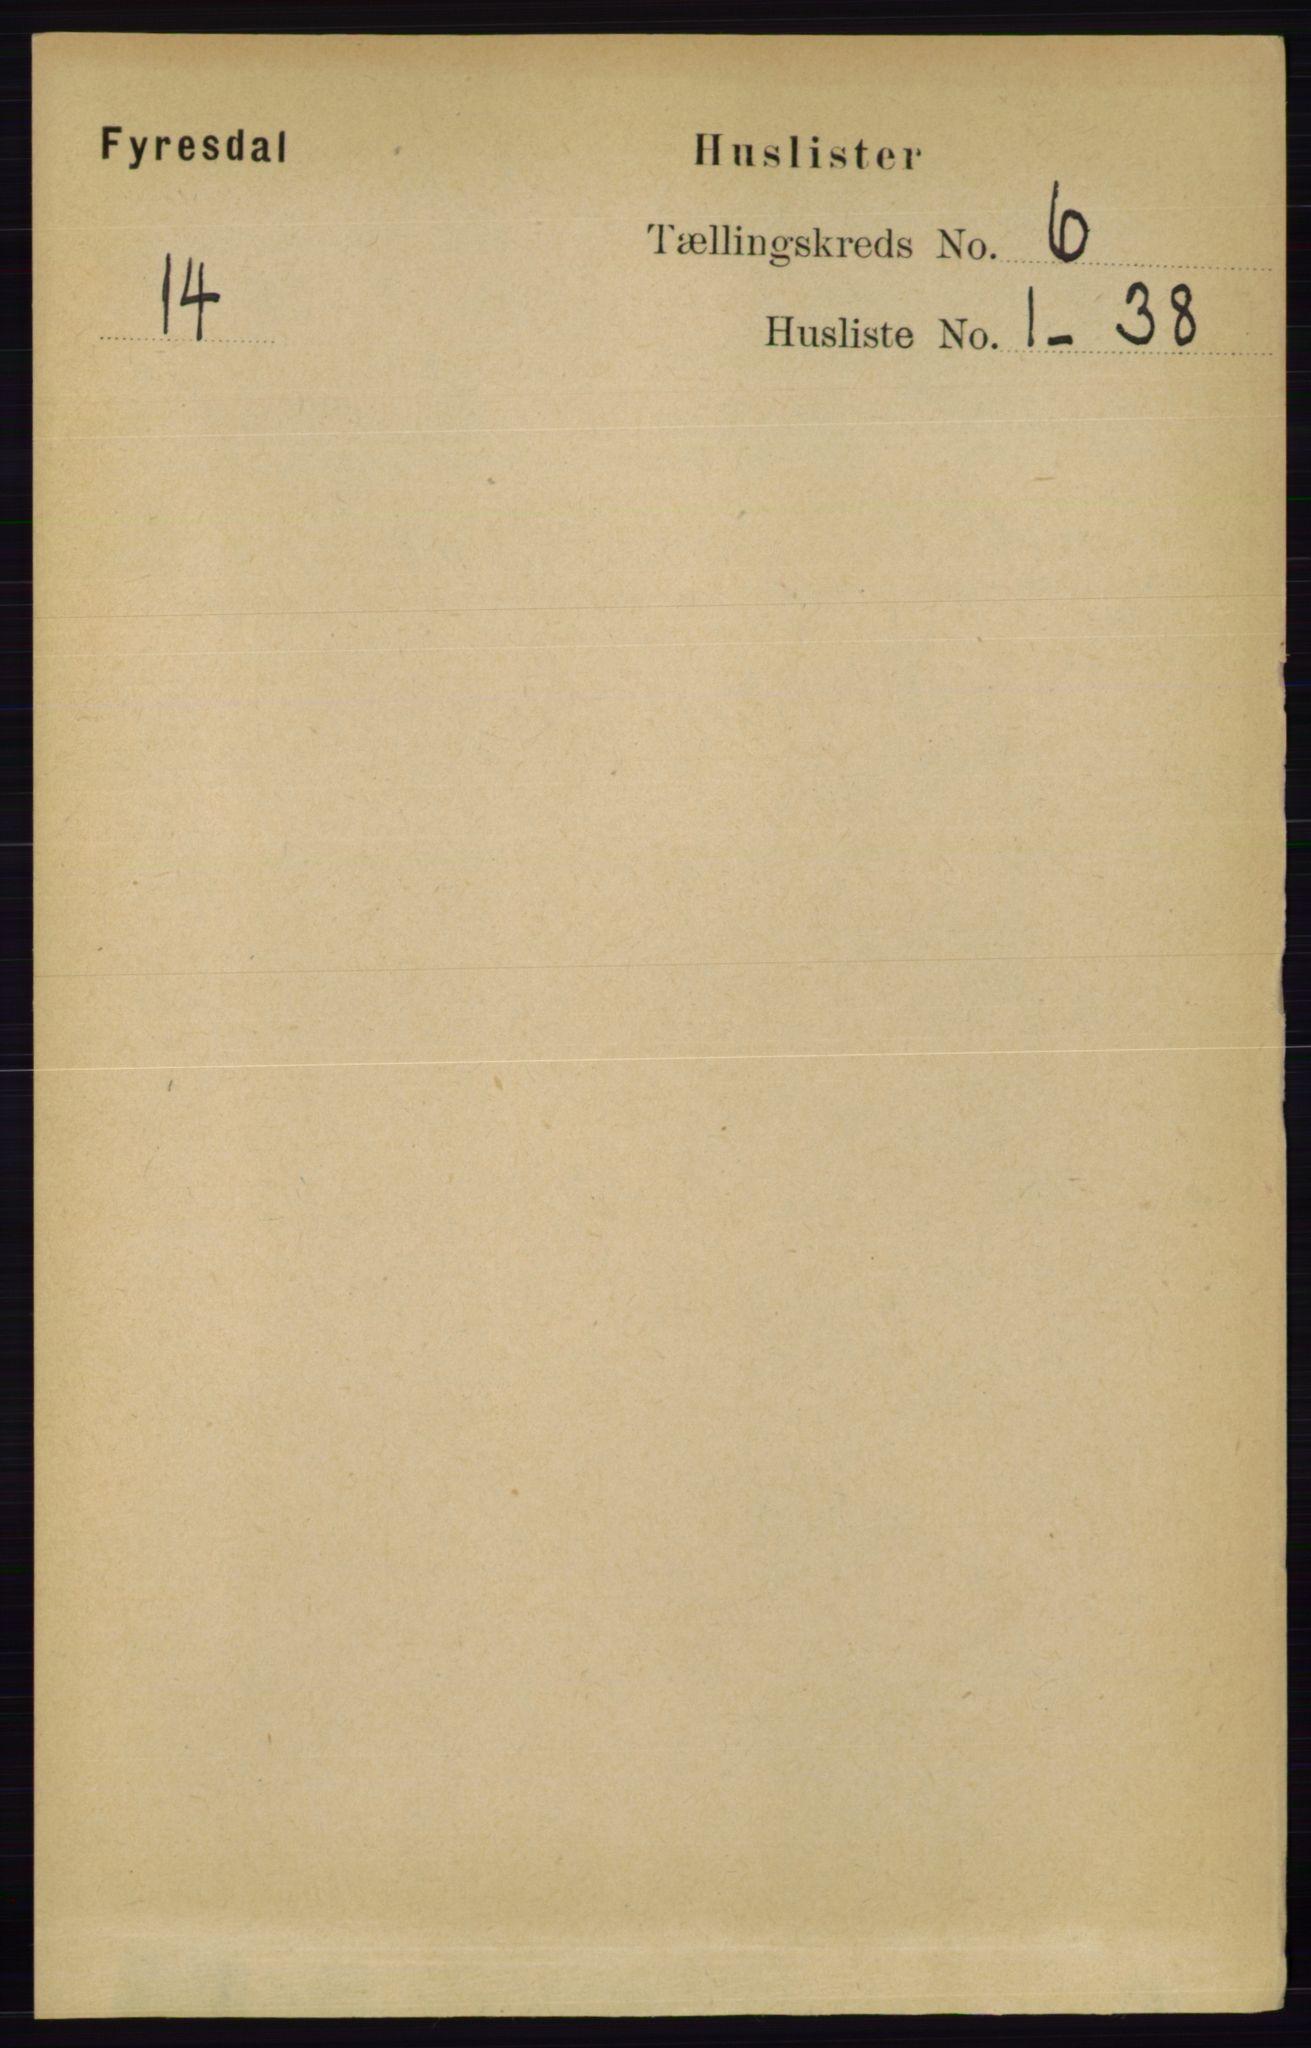 RA, Folketelling 1891 for 0831 Fyresdal herred, 1891, s. 1621